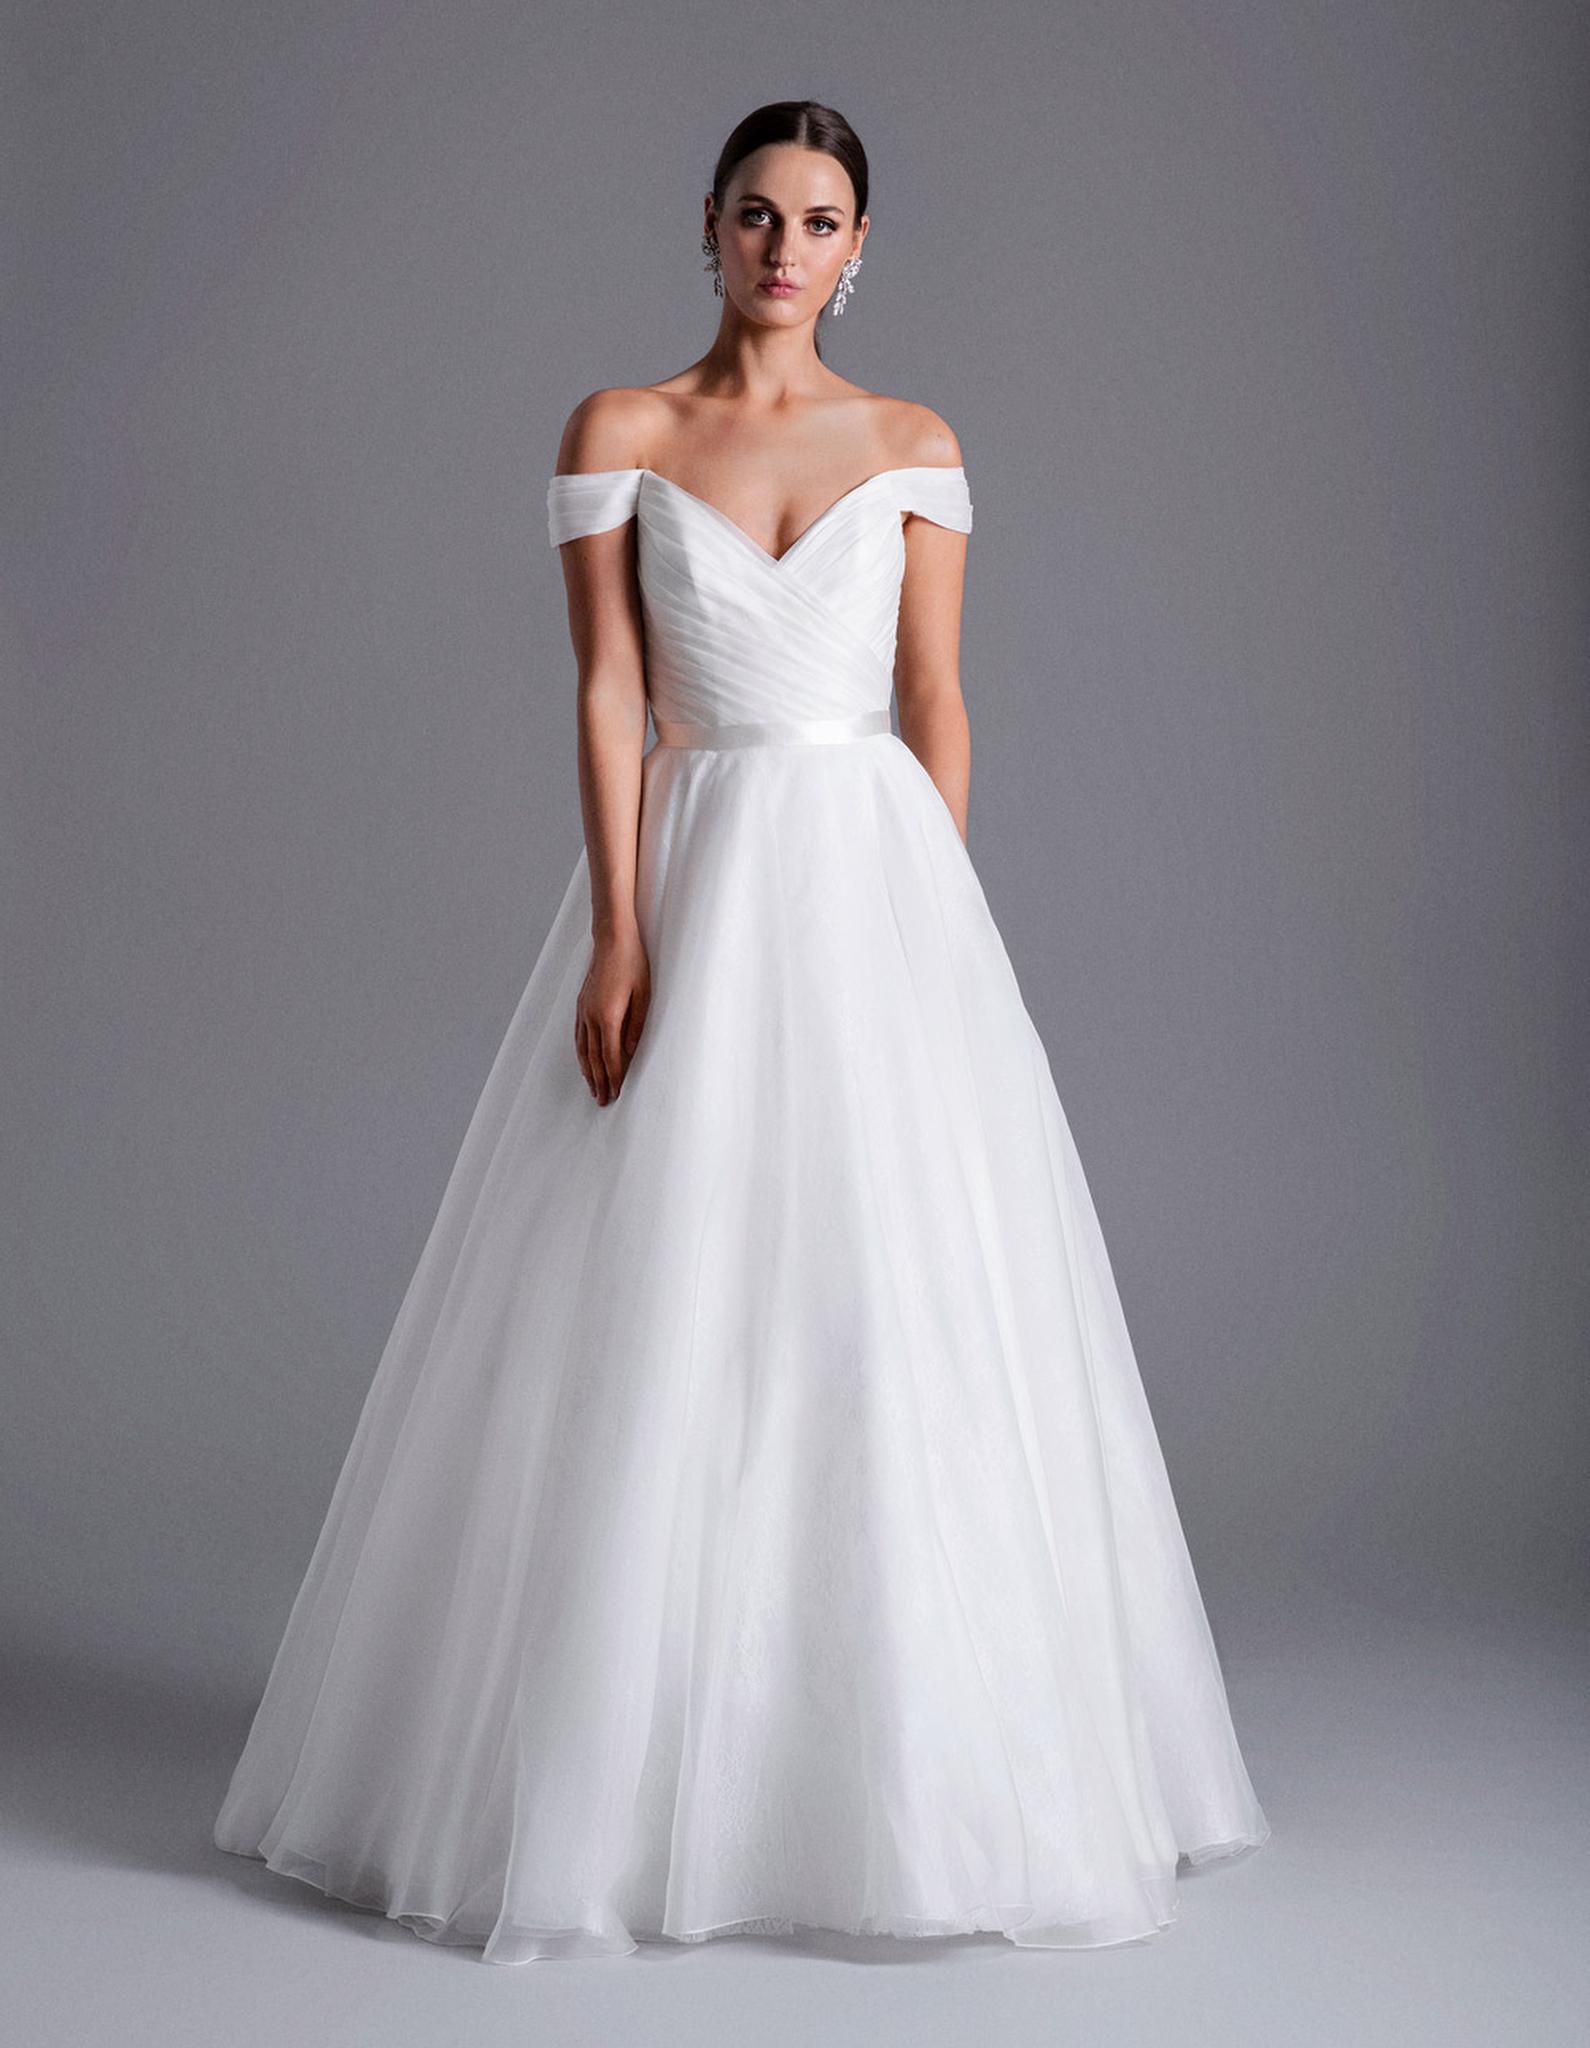 Caroline Castigliano Bridal Spring 2021